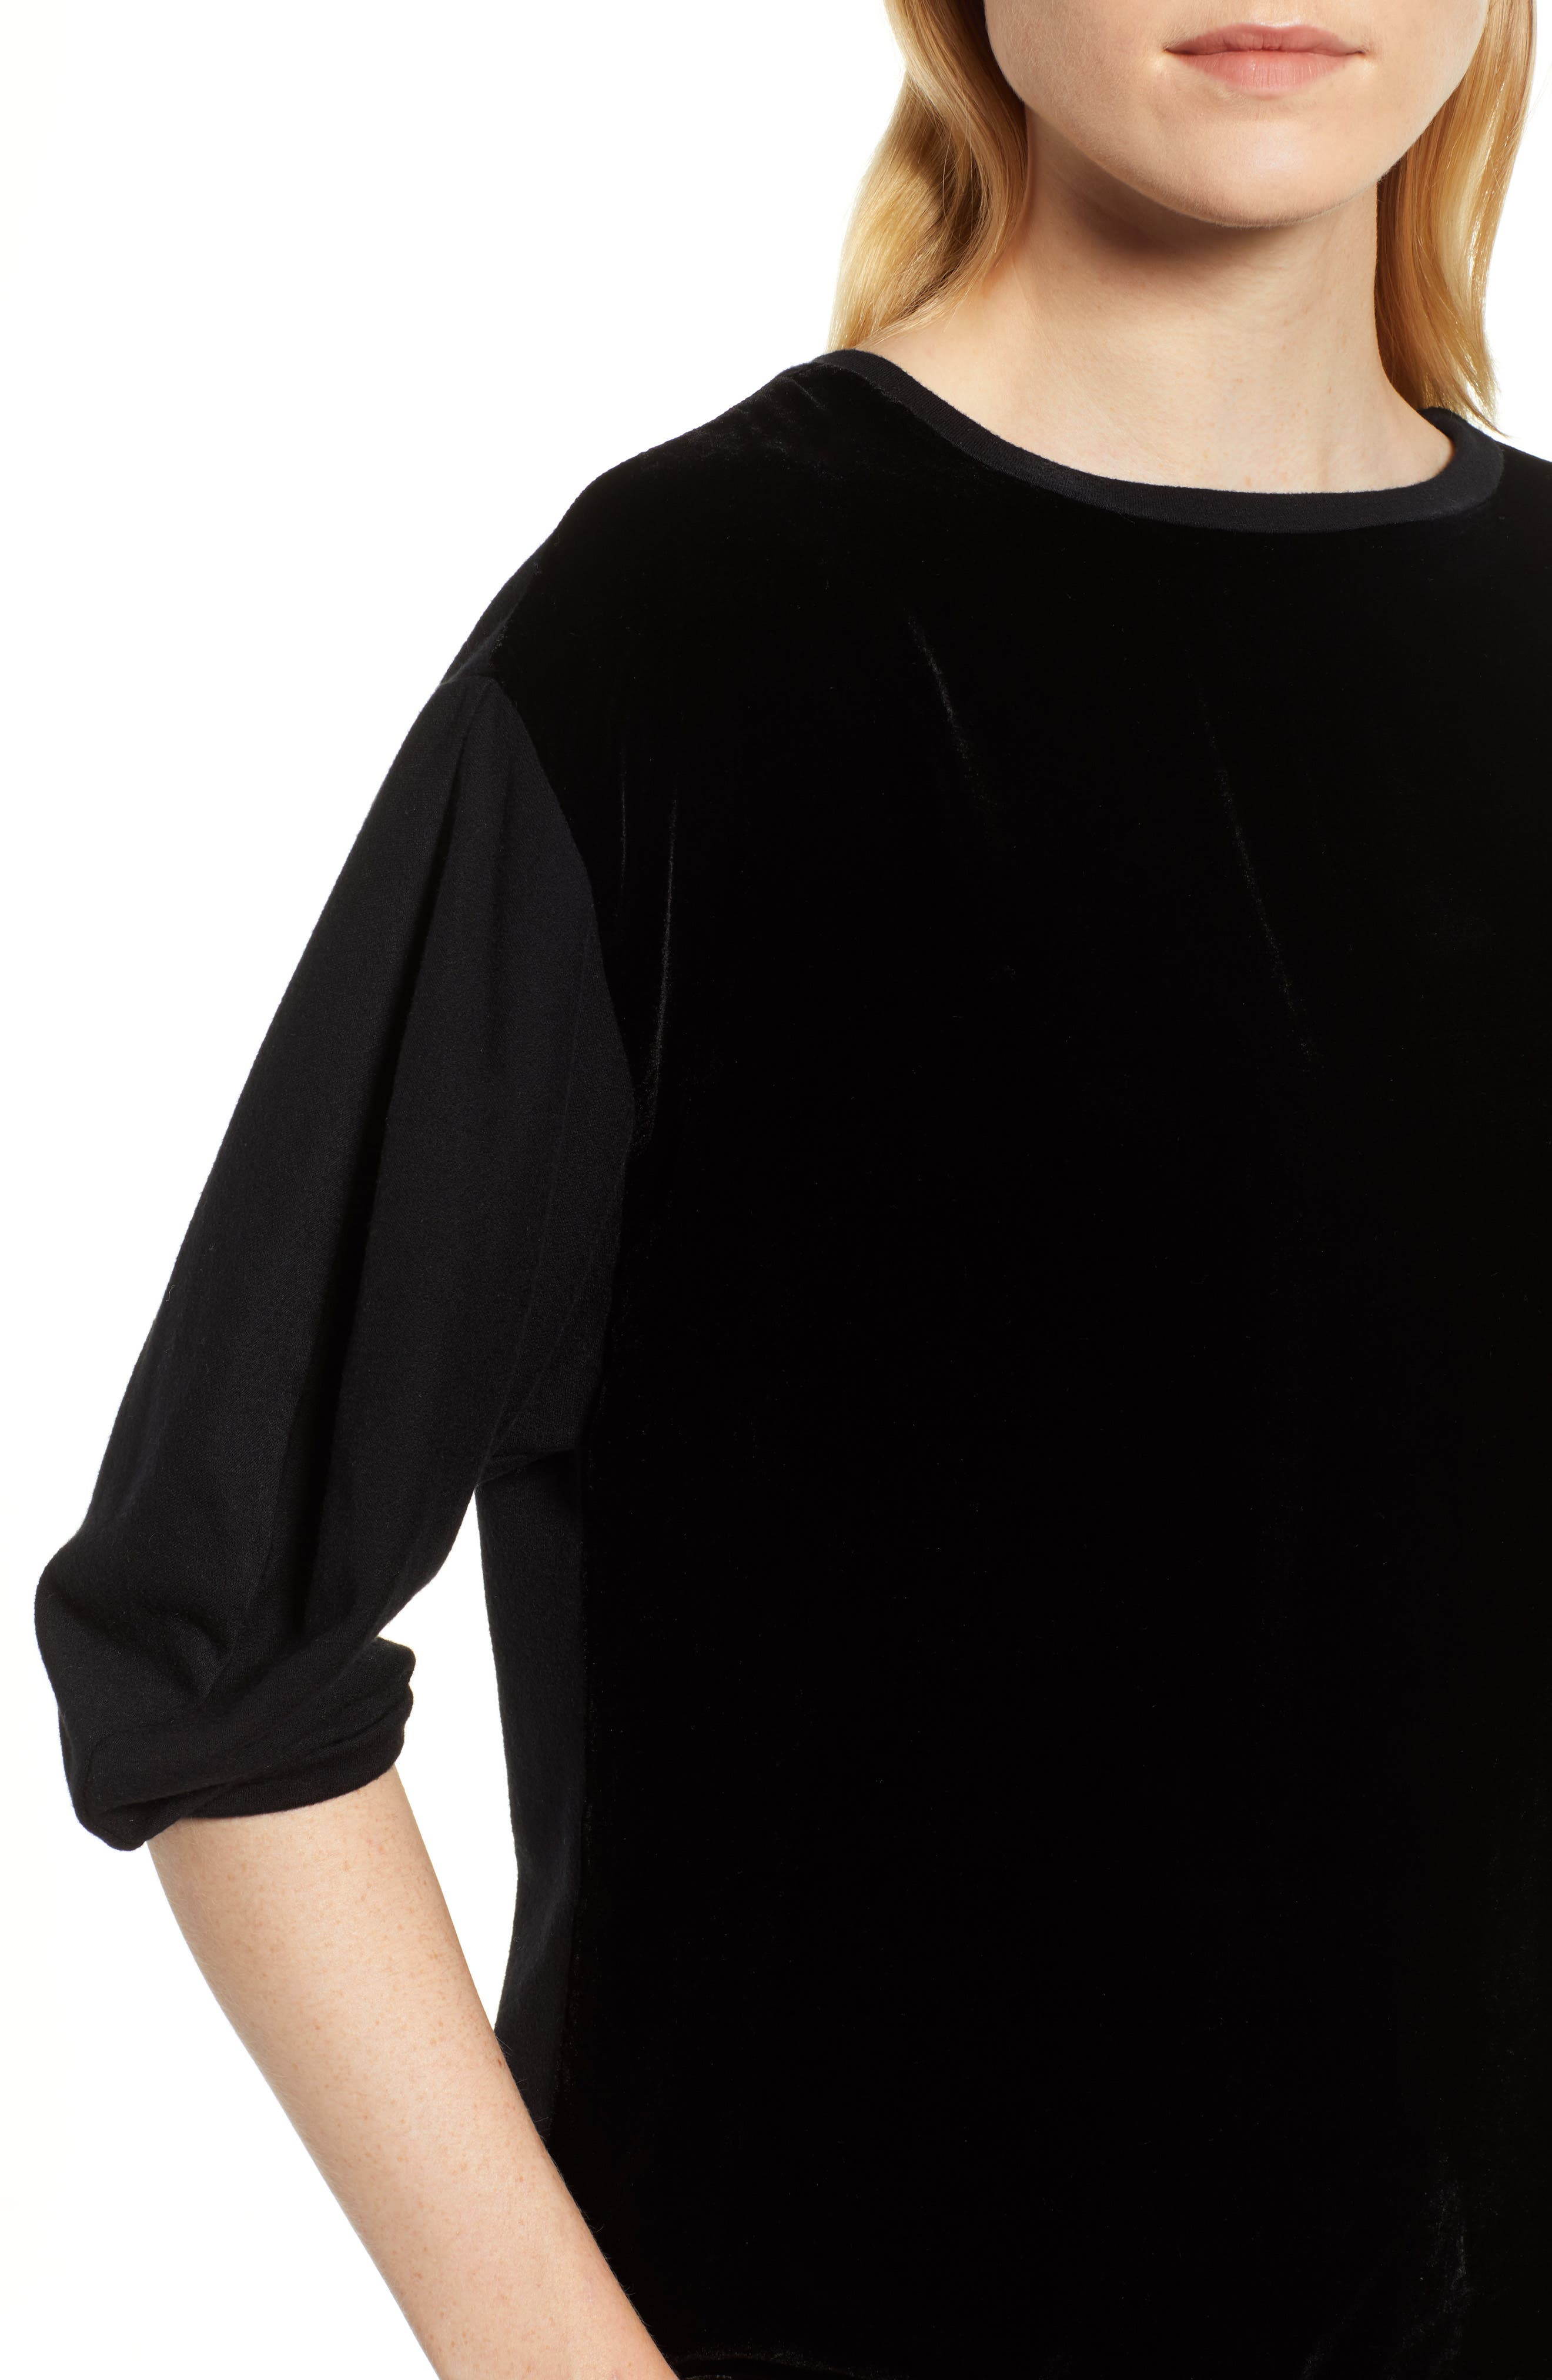 Velvet & Fleece Half Sleeve Top,                             Alternate thumbnail 4, color,                             BLACK